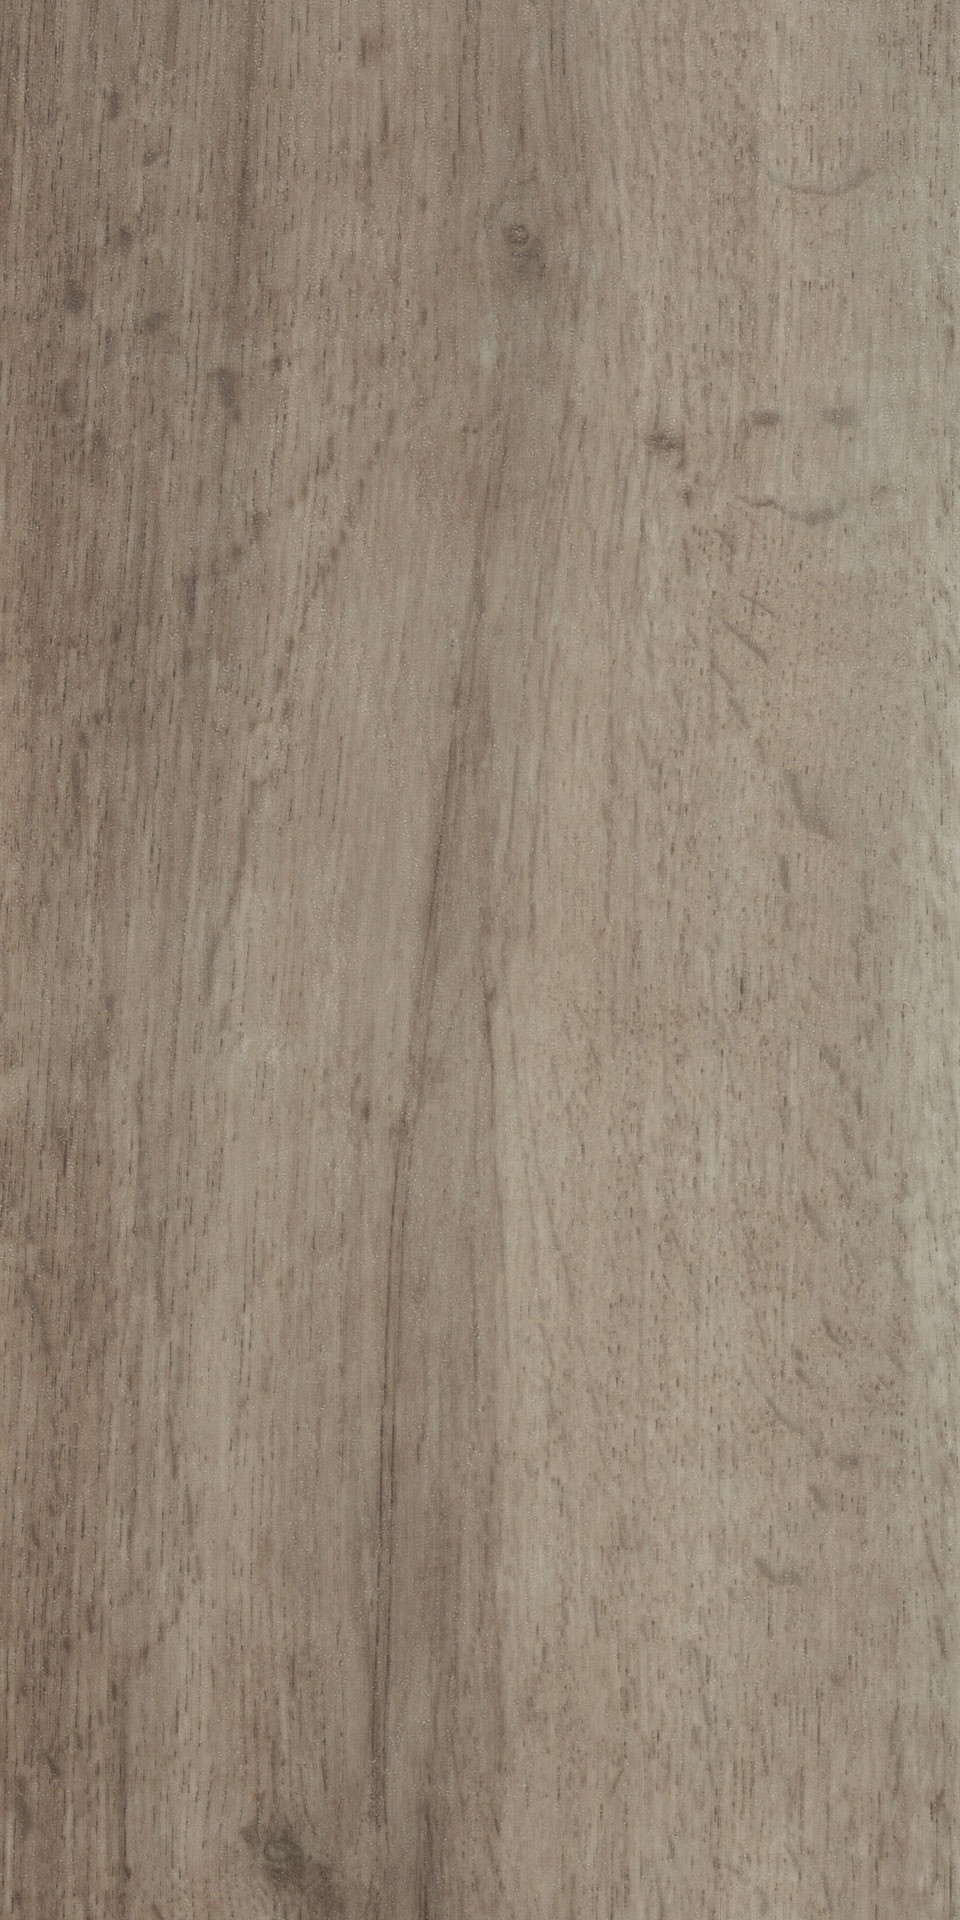 hardwood floor repair products of 26 unique grey hardwood floors photos flooring design ideas regarding grey hardwood floors best of forbo allura flex 0 55 grey autumn oak selbstliegender vinylboden images